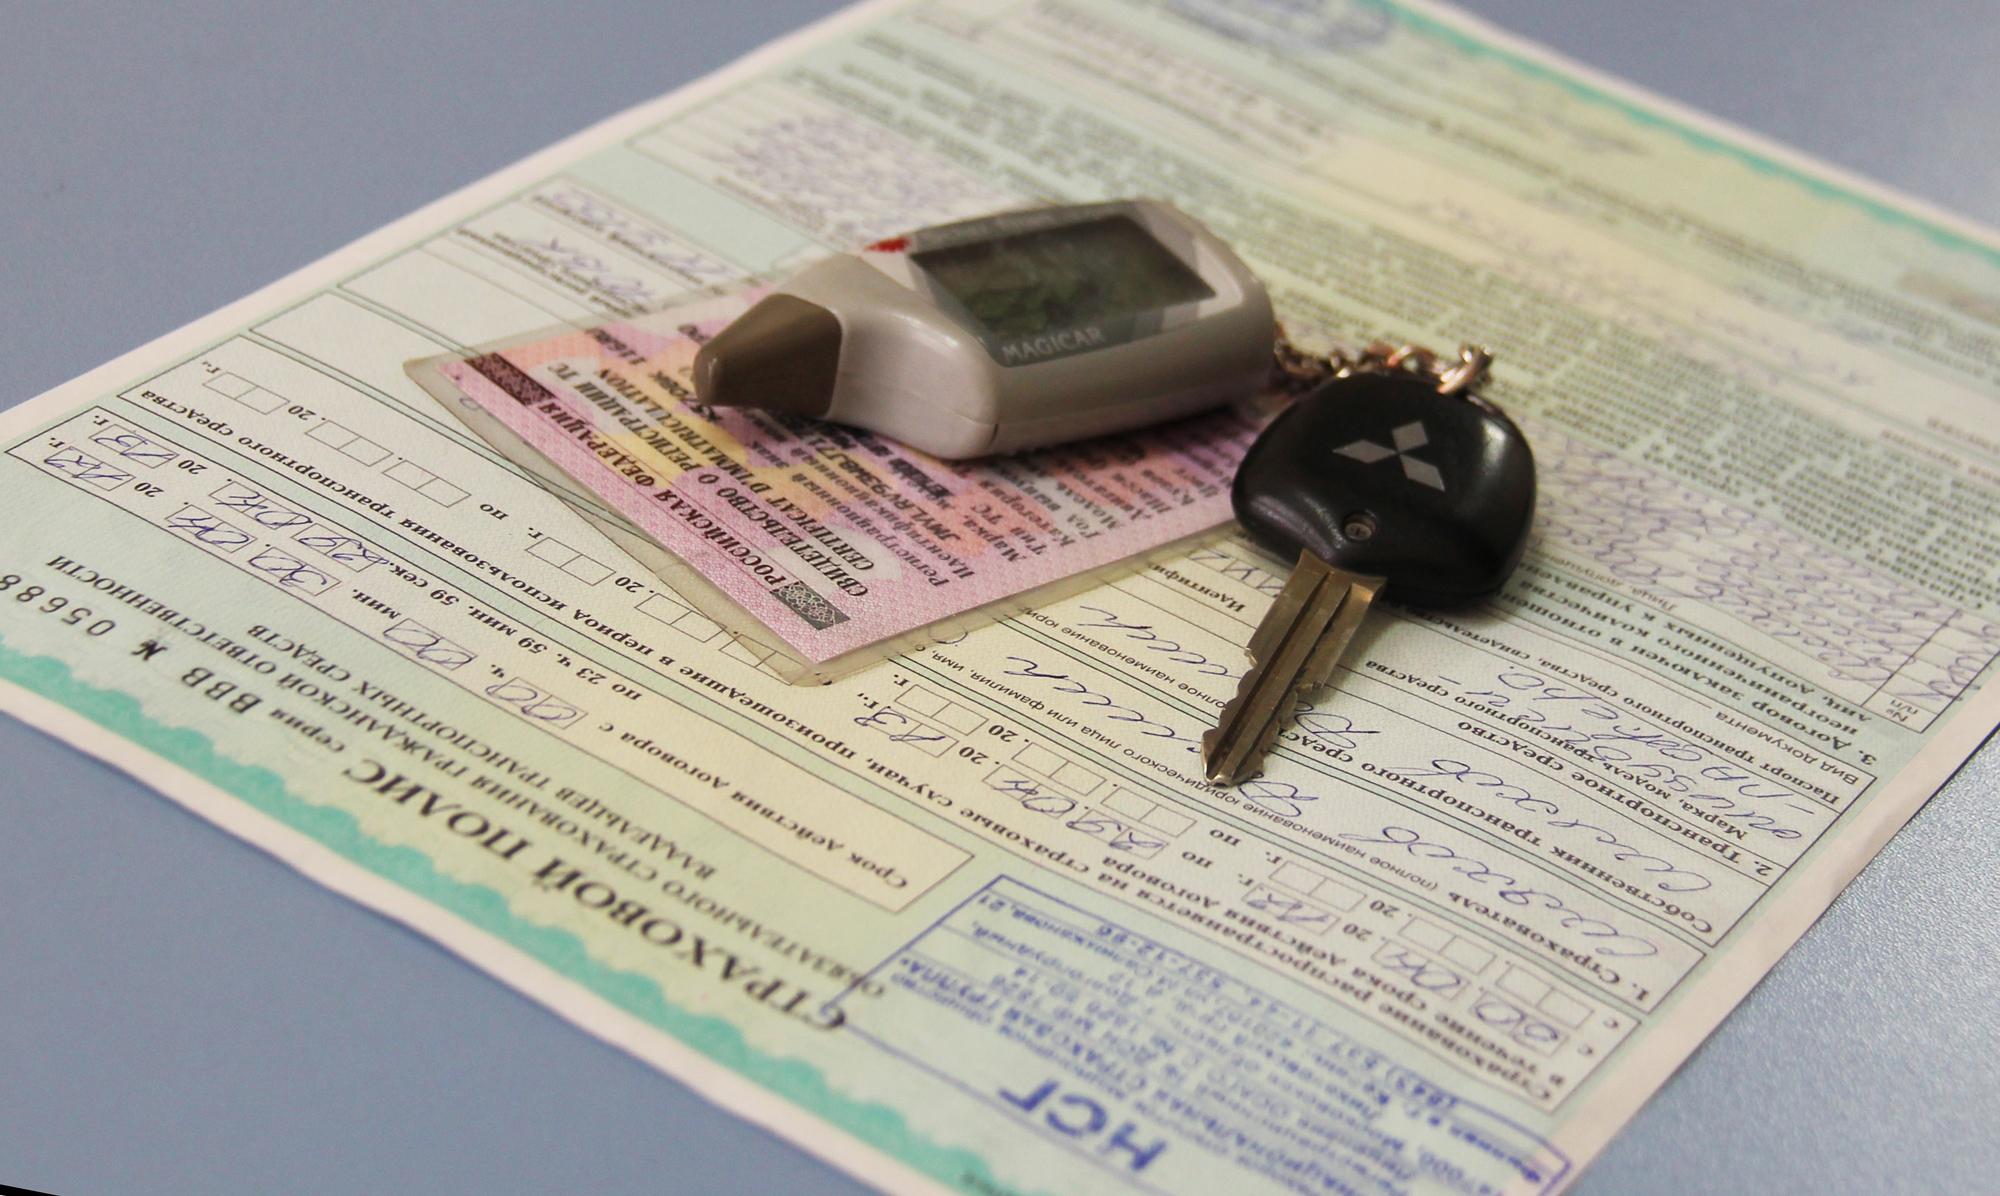 считаю, что госавтоинспекция мвд россии официальный сайт госавтоинспекции проверка авто вас понимаю